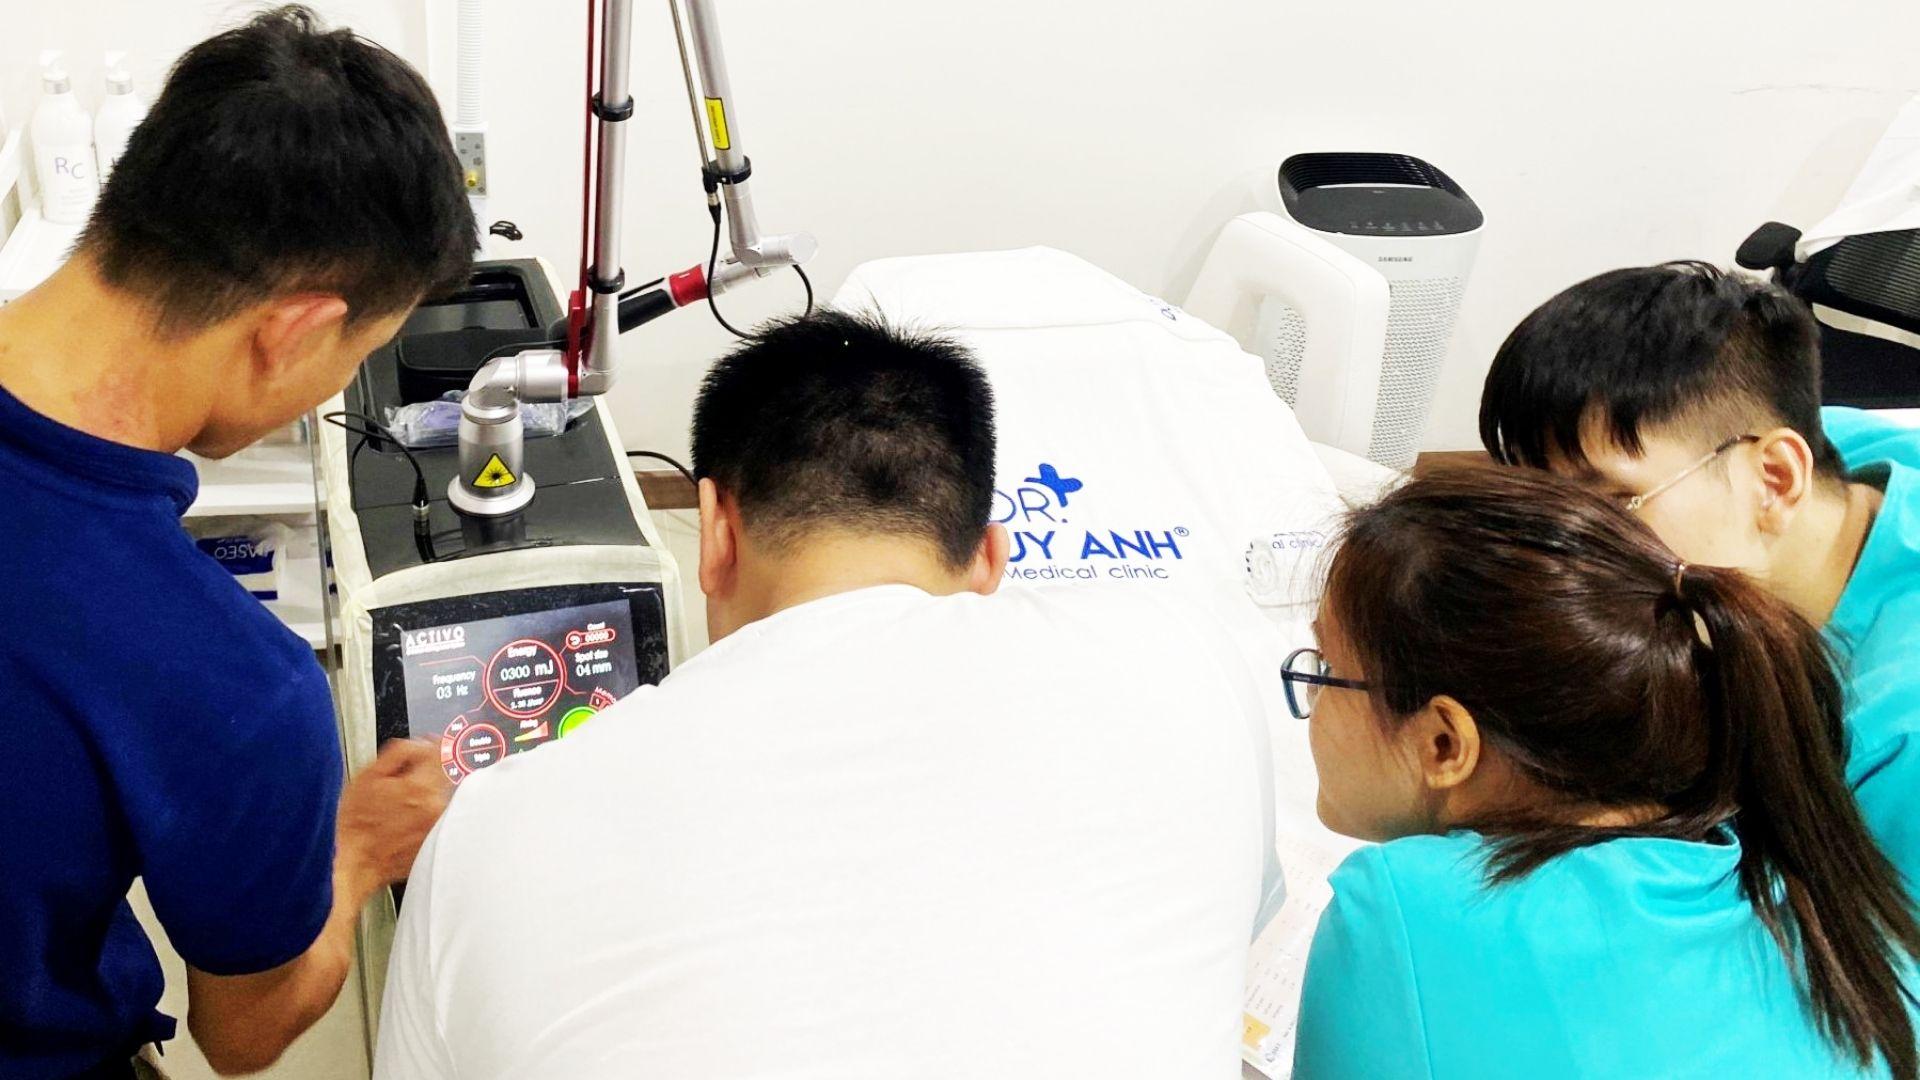 Bàn giao máy Activo tại cơ sở Medical Clinic Duy Anh